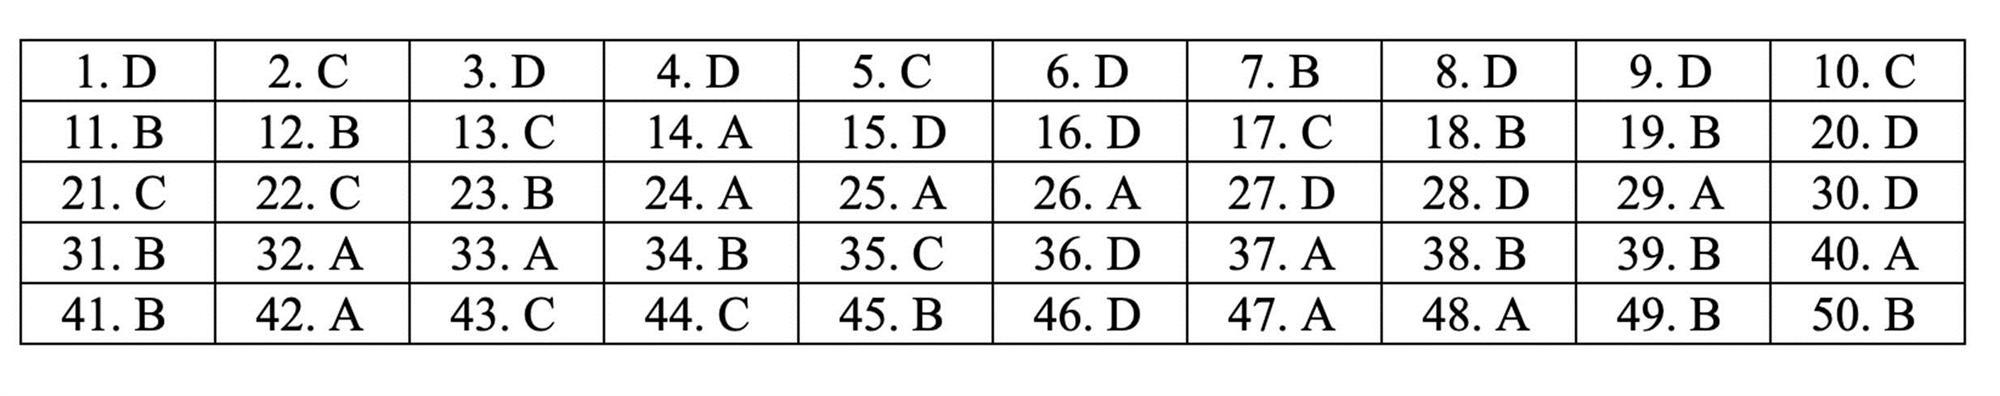 Đáp án tham khảo môn Toán thi THPT quốc gia 2019 tất cả mã đề-17